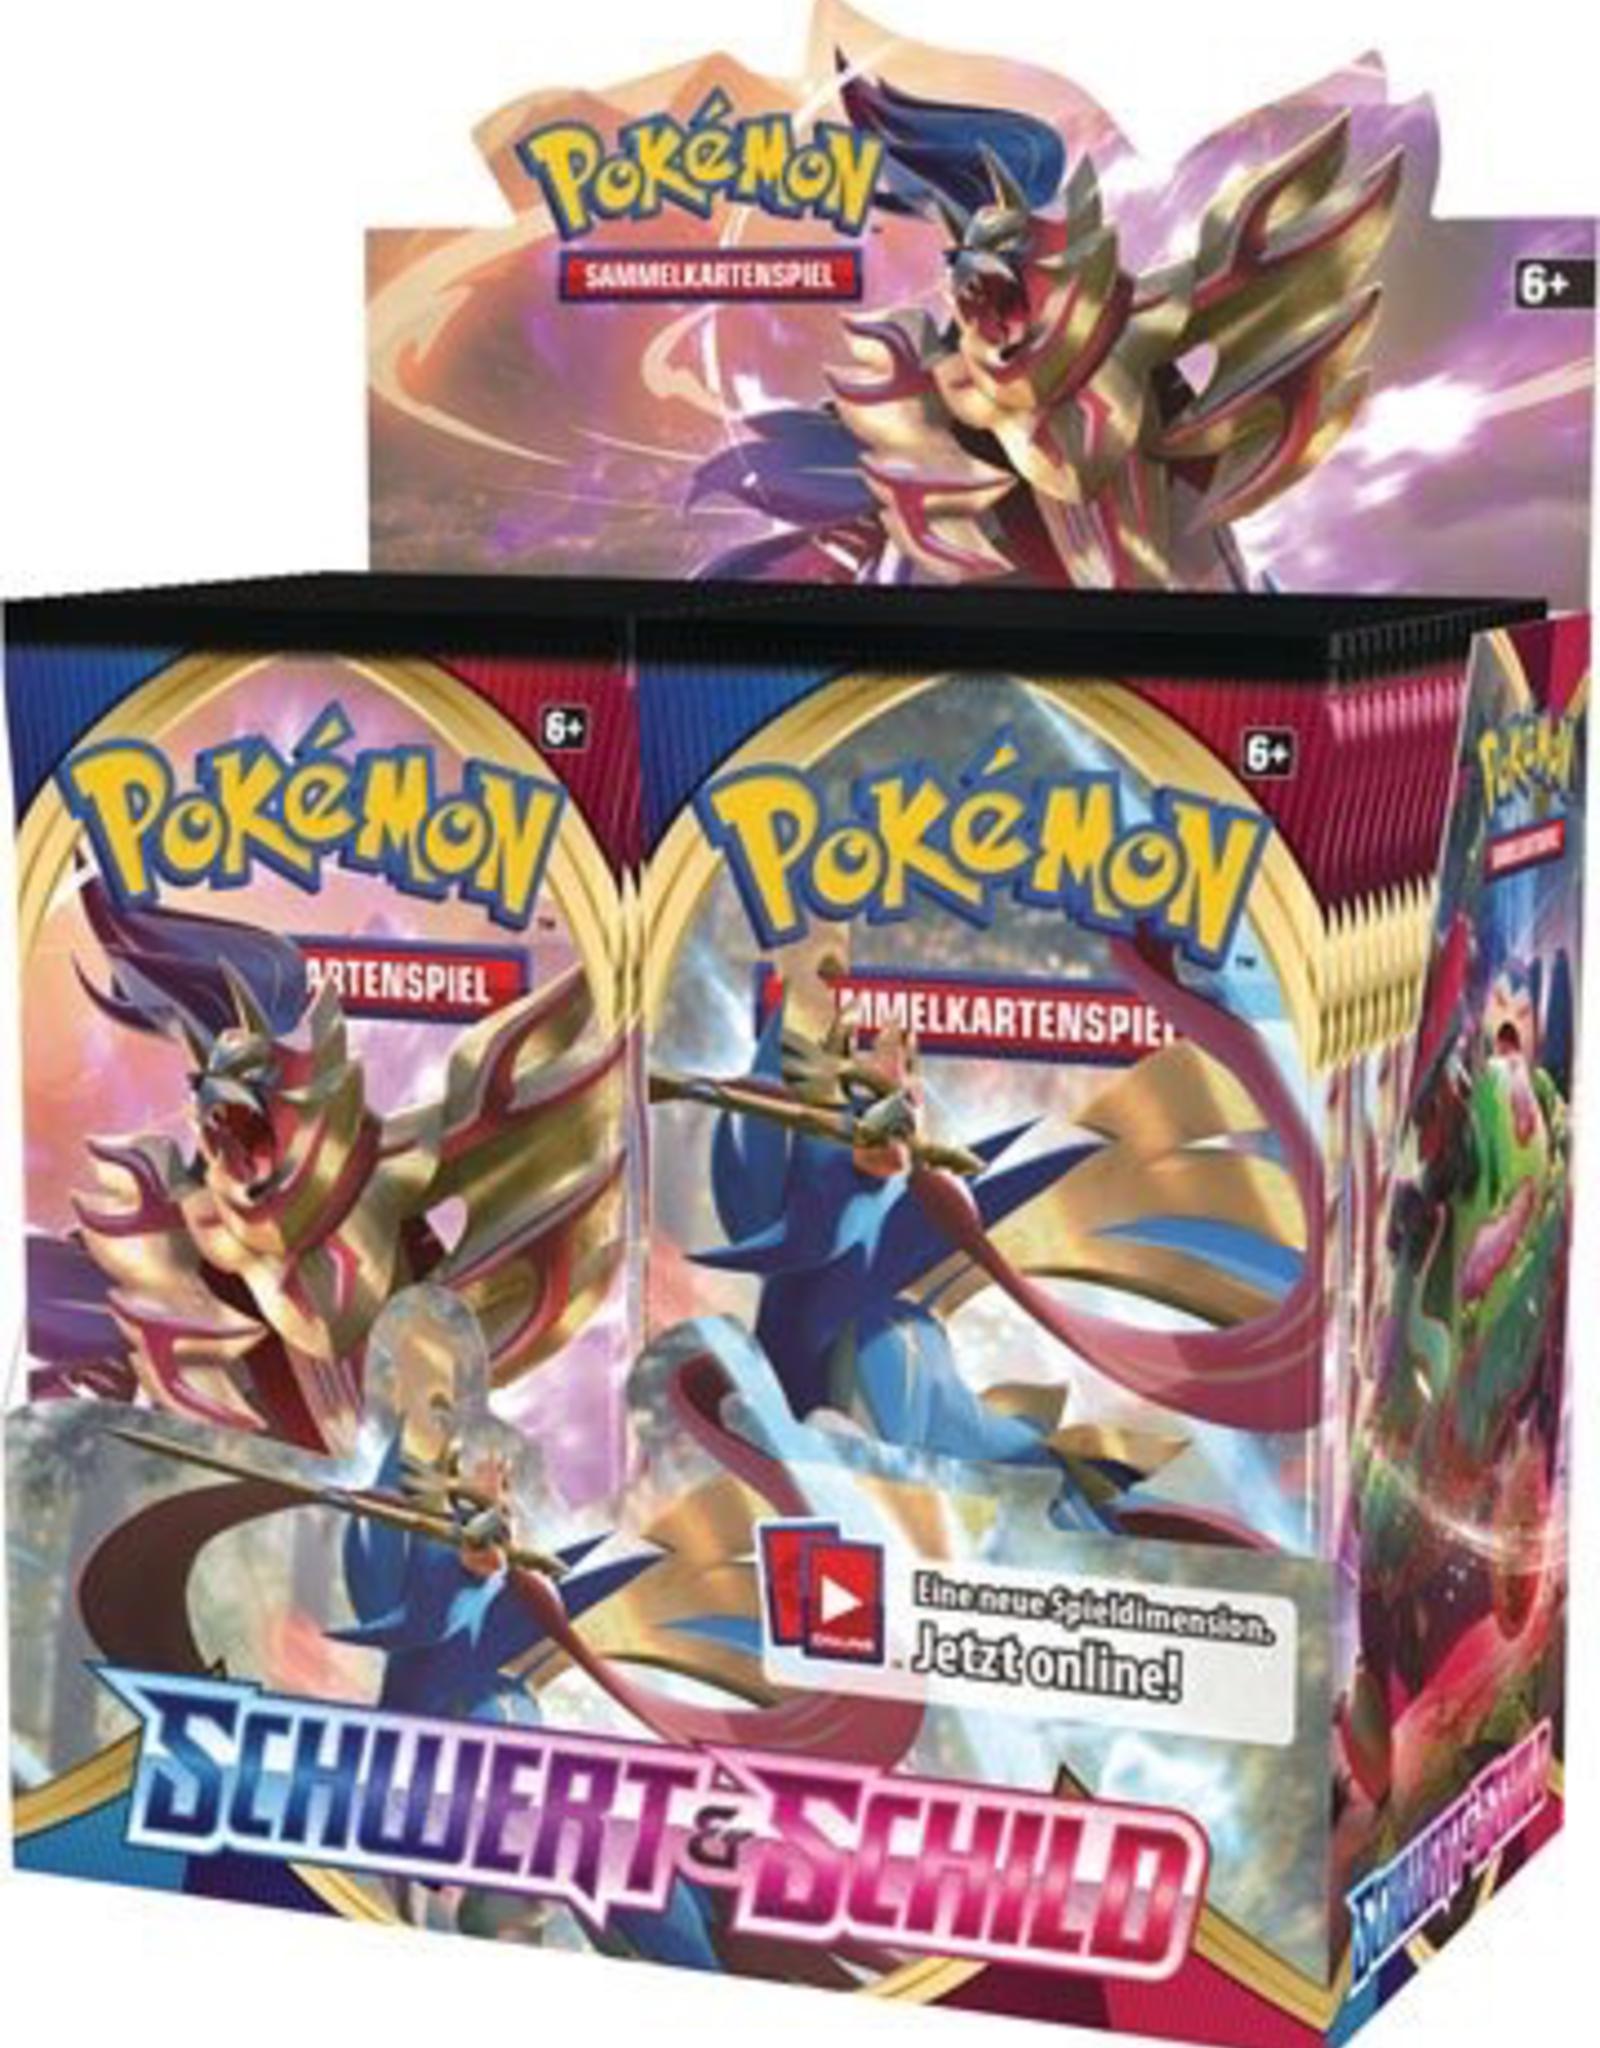 PKM - Schwert & Schild Pokémon Schwert und Schild Booster Display (36) *Deutsche Version*